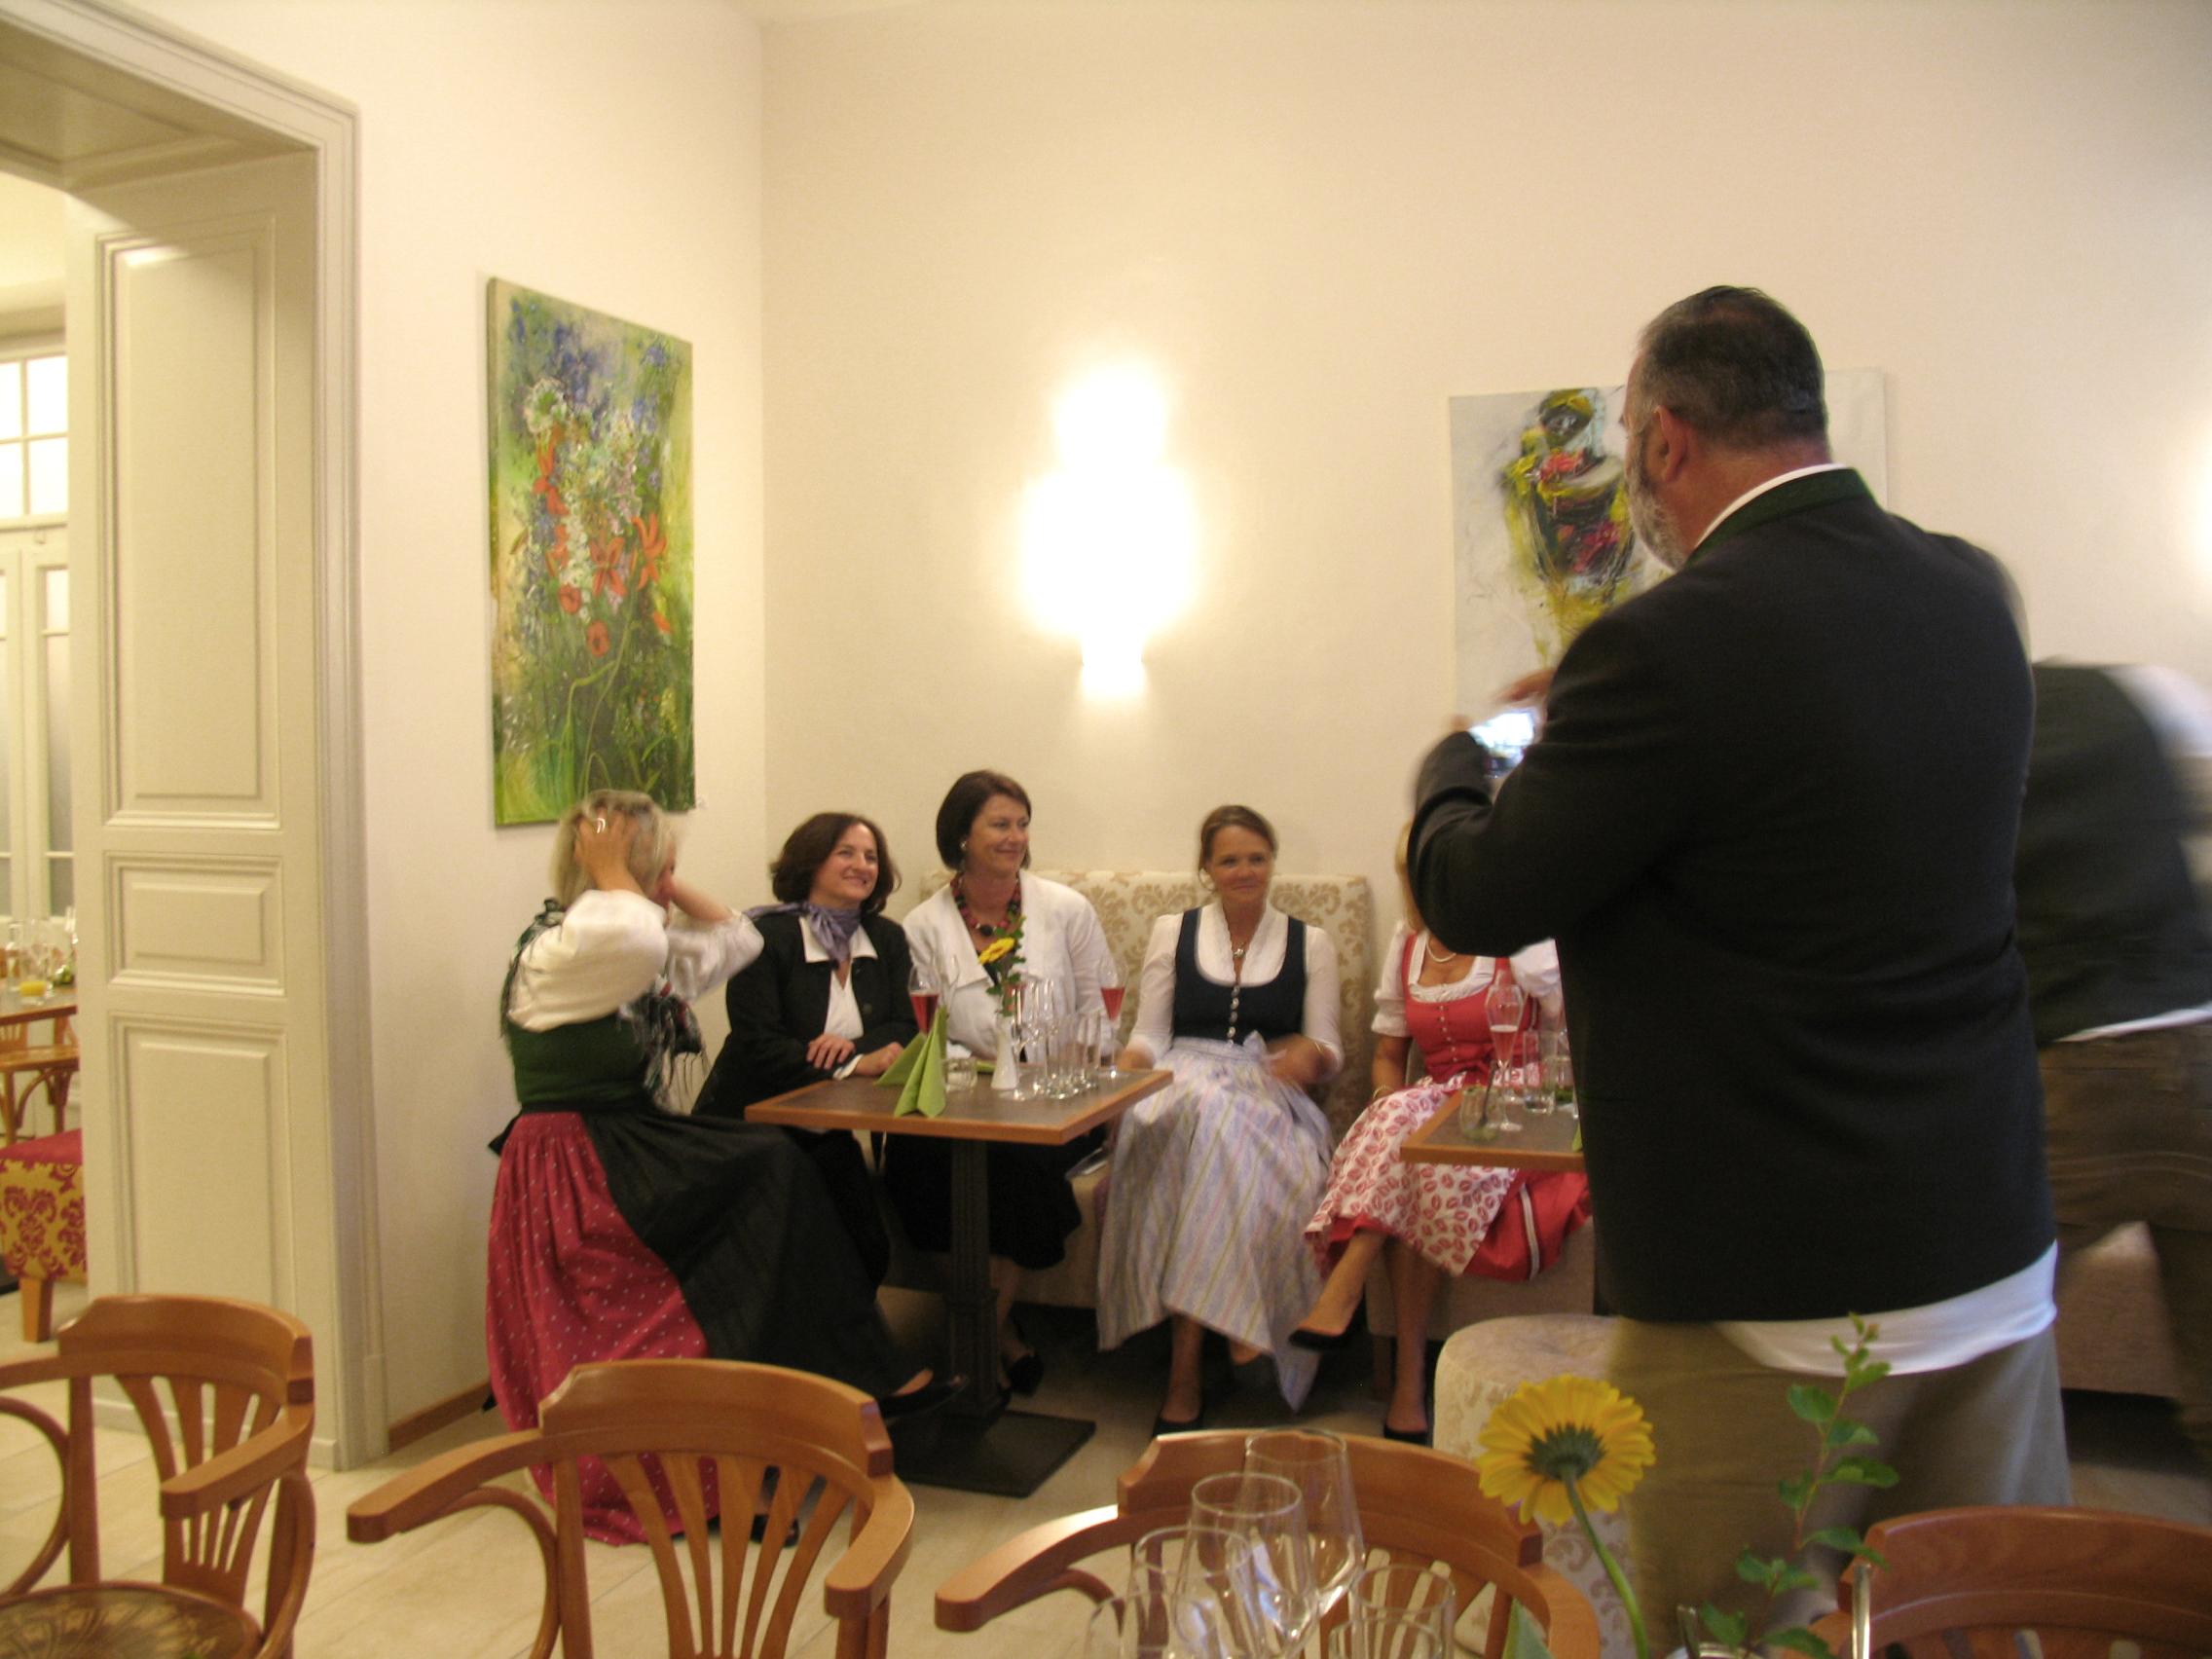 Austria party